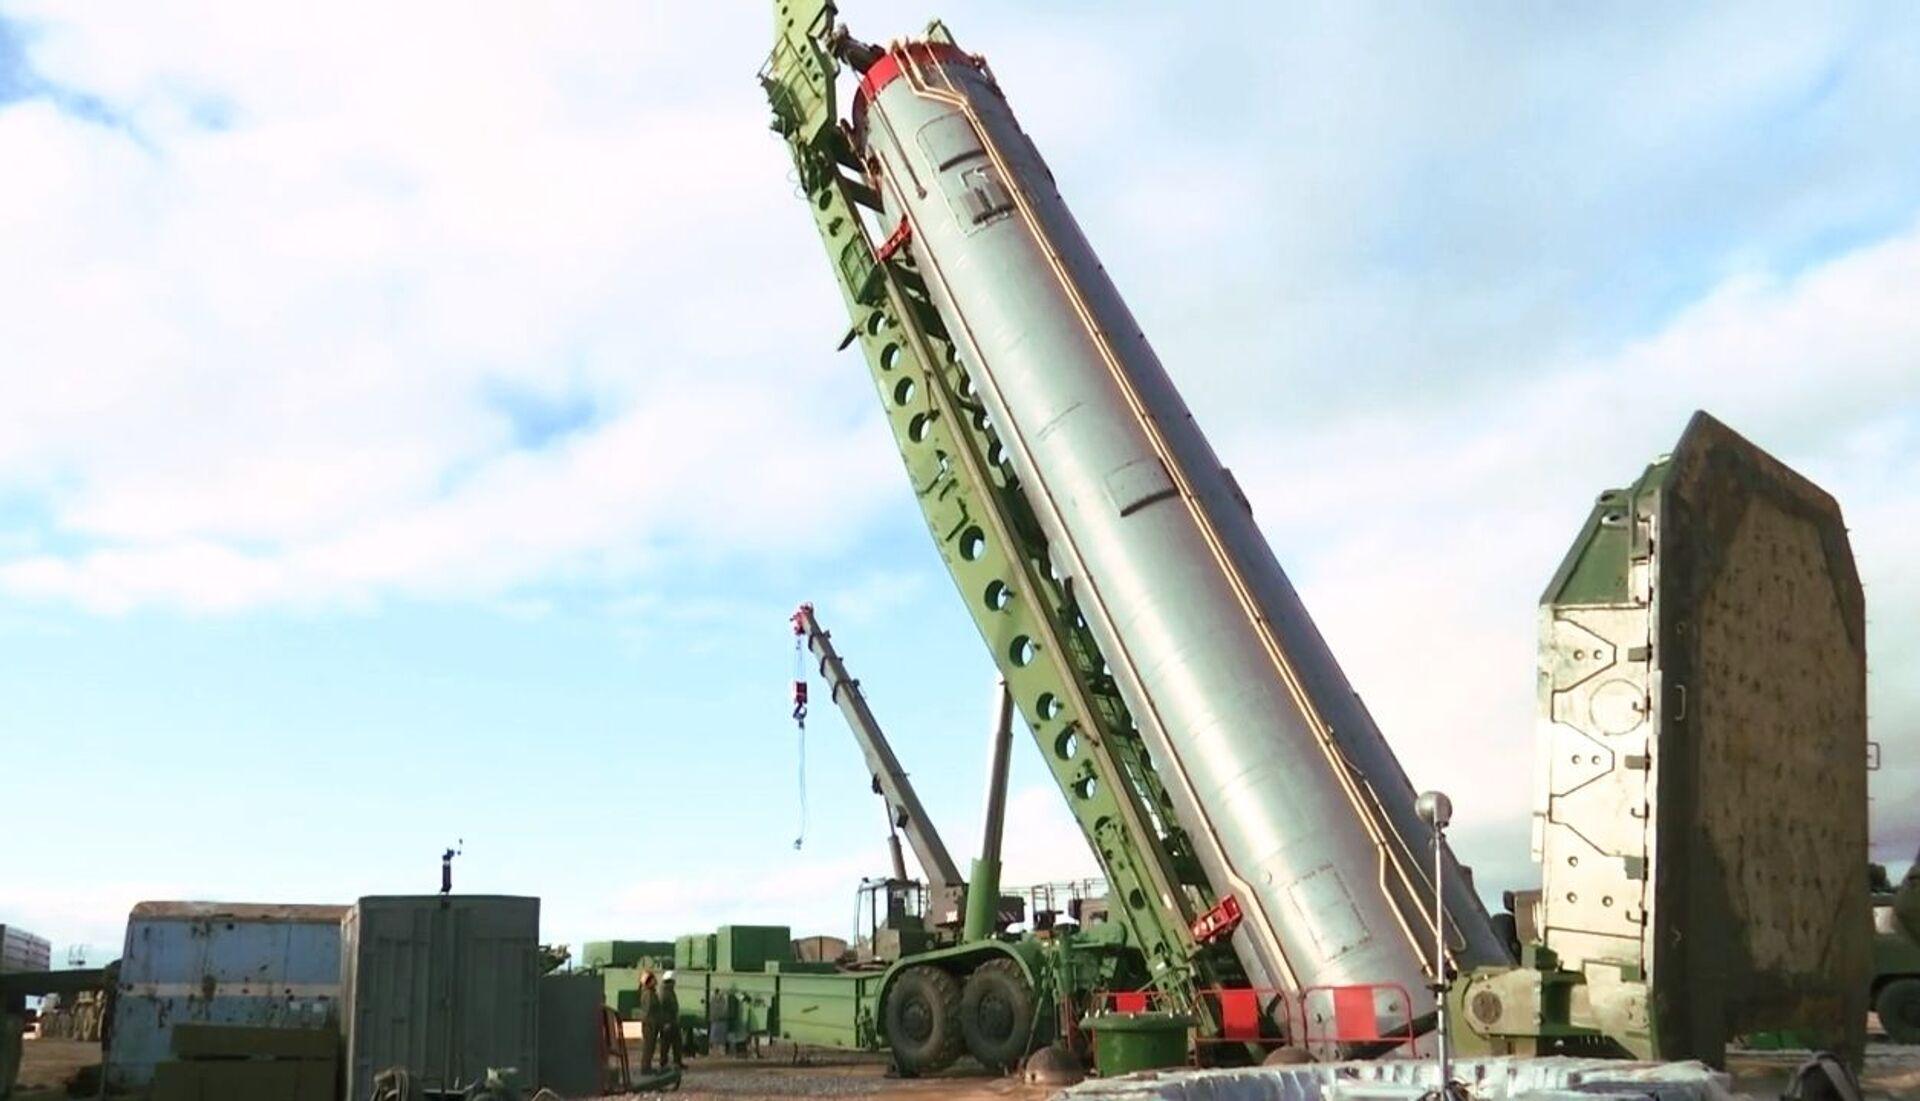 Một tên lửa đạn đạo xuyên lục địa của hệ thống tên lửa chiến lược Avangard trong quá trình lắp đặt trong một silo ở vùng Orenburg - Sputnik Việt Nam, 1920, 05.10.2021